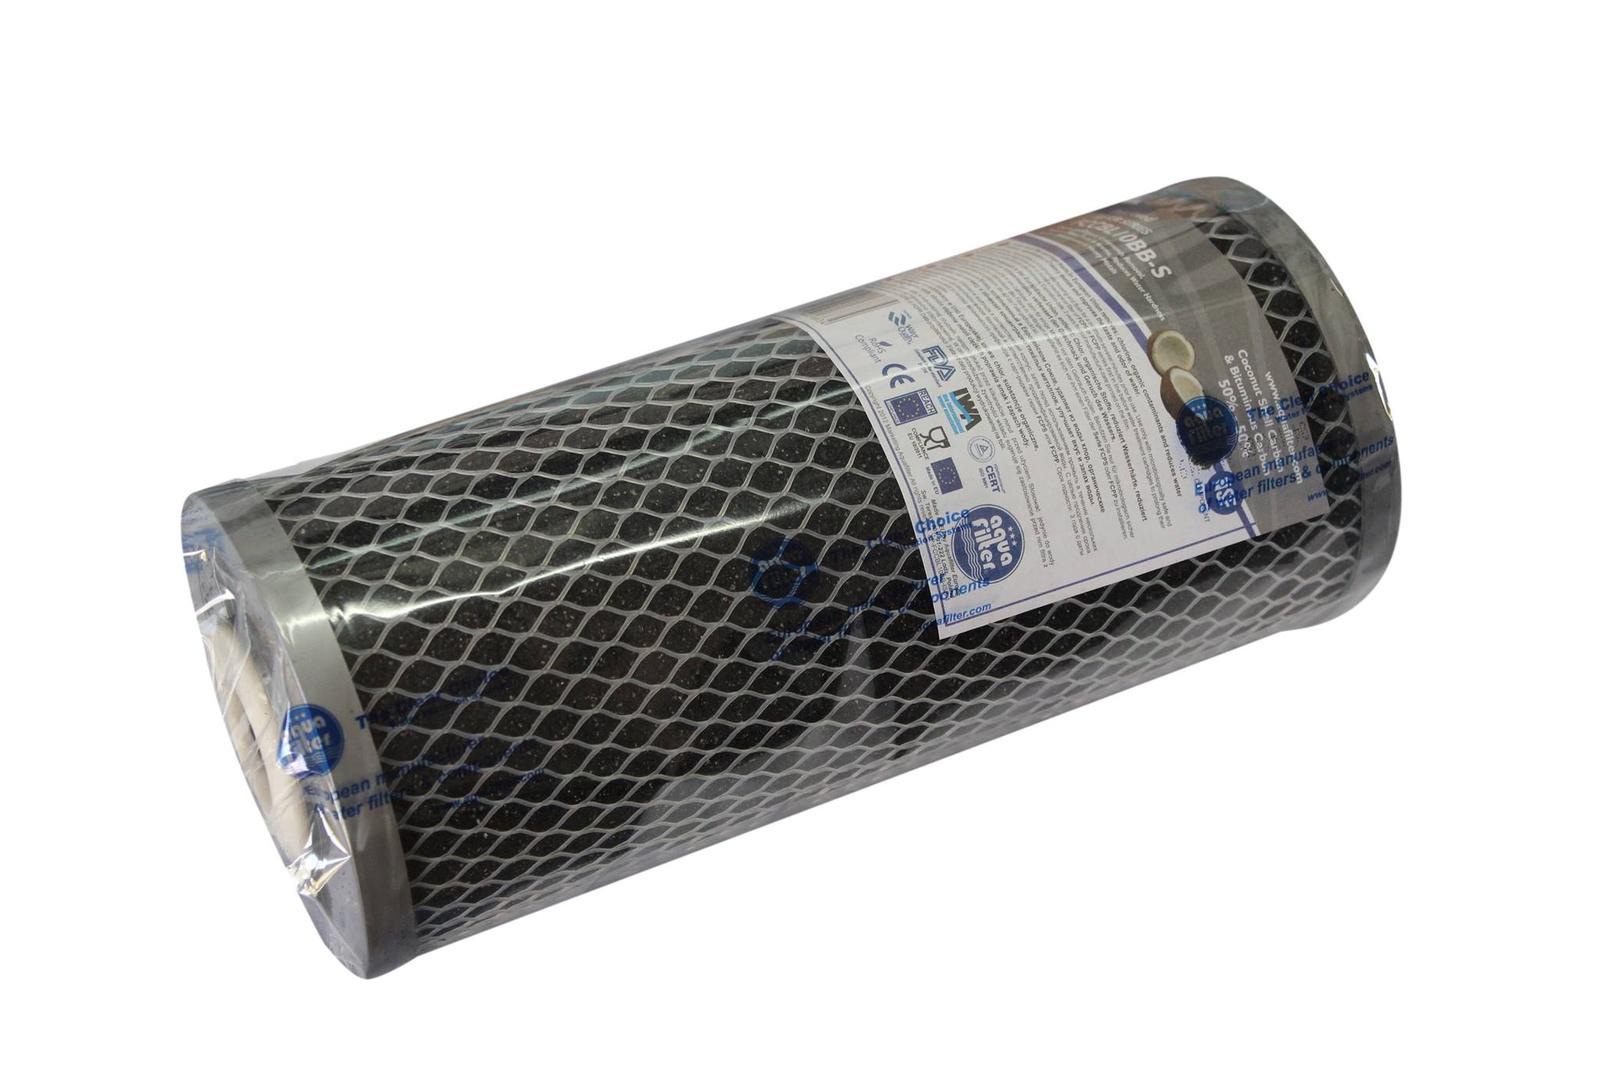 Картридж угольный, серия Silver, карбон-блок 10ВВ (активированный уголь, серебро) Aquafilter FCCBL10BB-S, 746